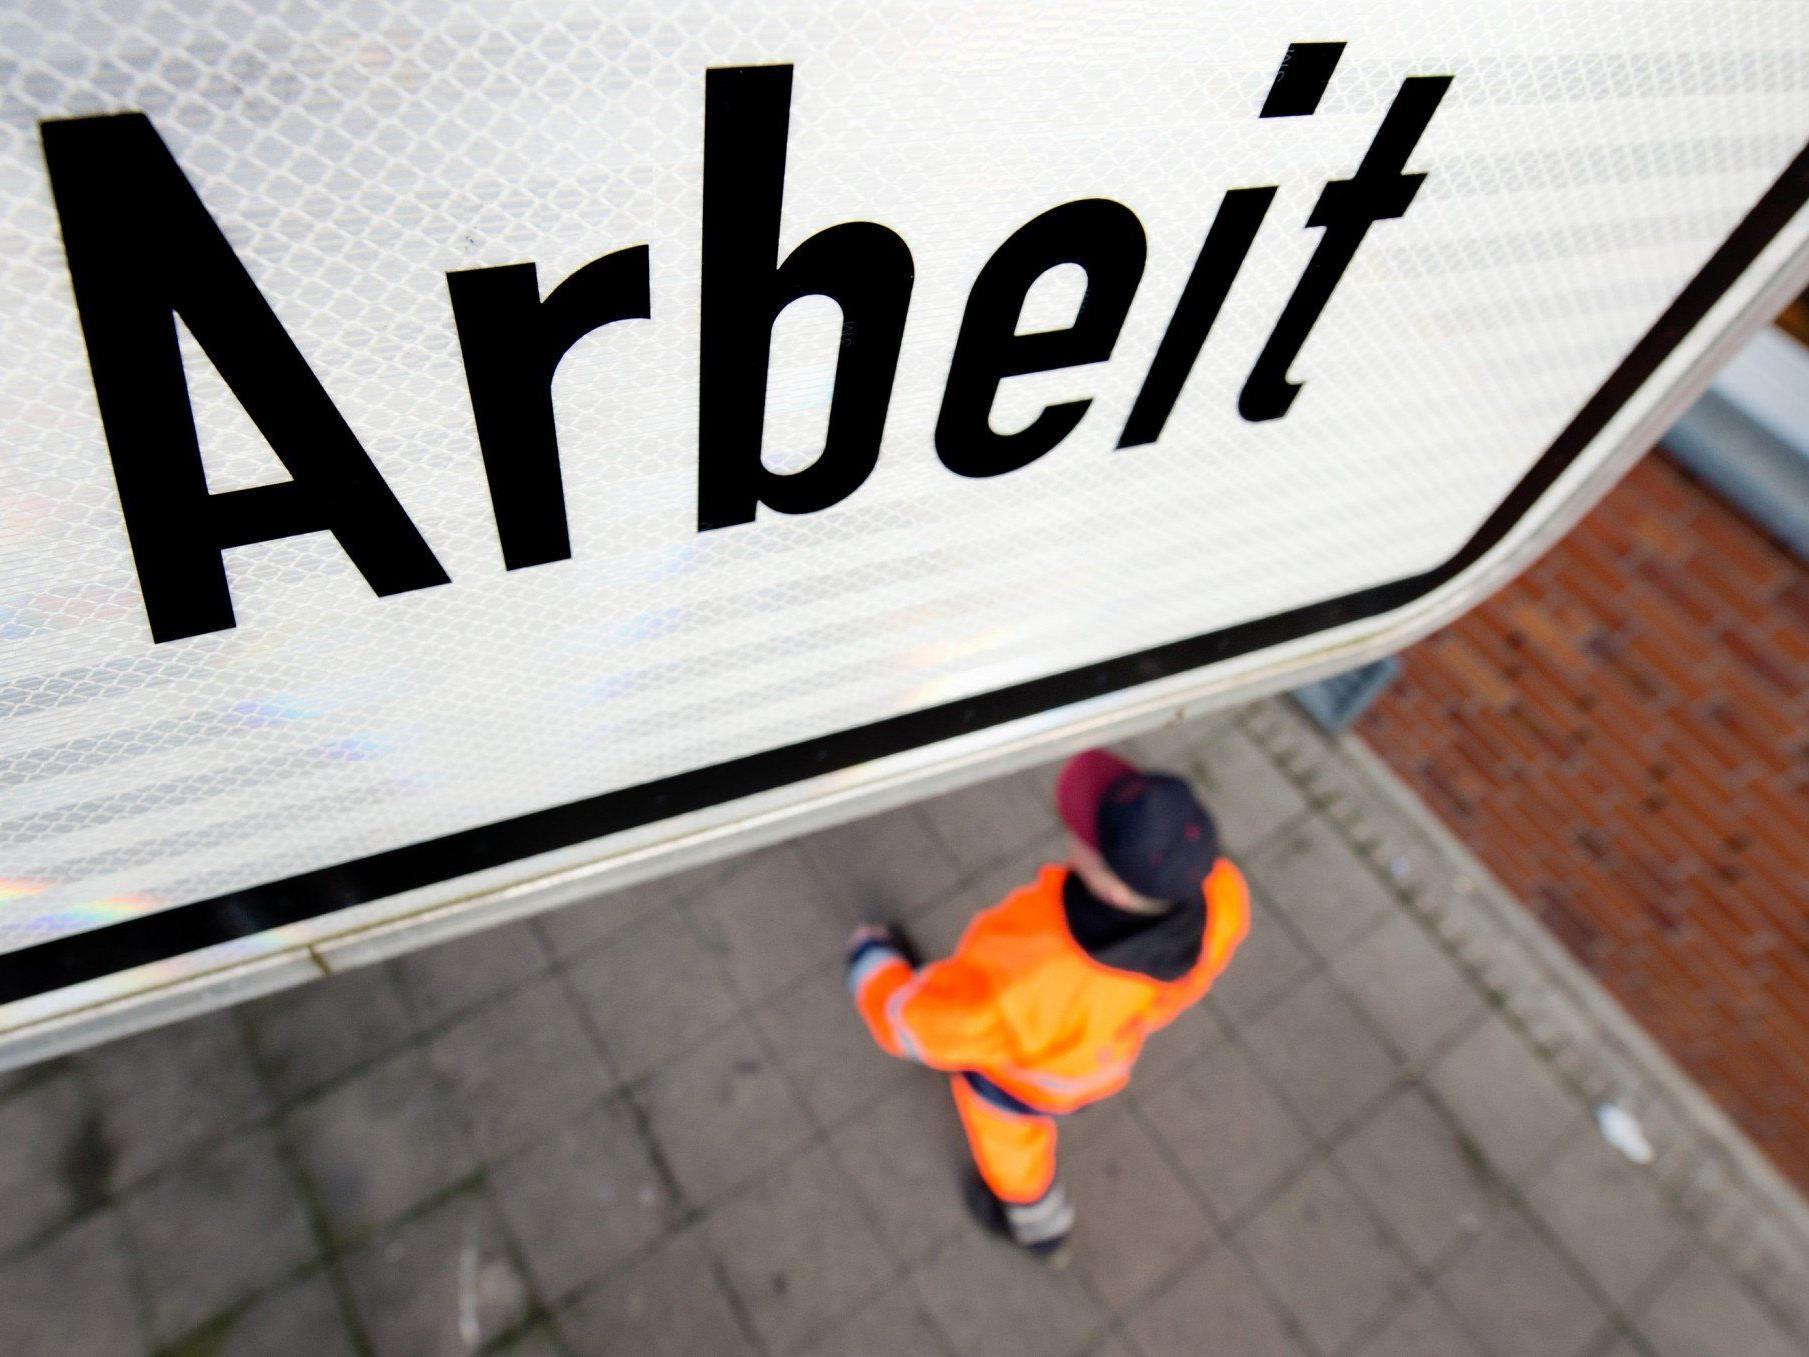 Beschäftigungsprojekte: In Summe stehen in Vorarlberg 235 Vollzeitarbeitsplätze sowie 60 Plätze in einer Arbeitsstiftung bereit.